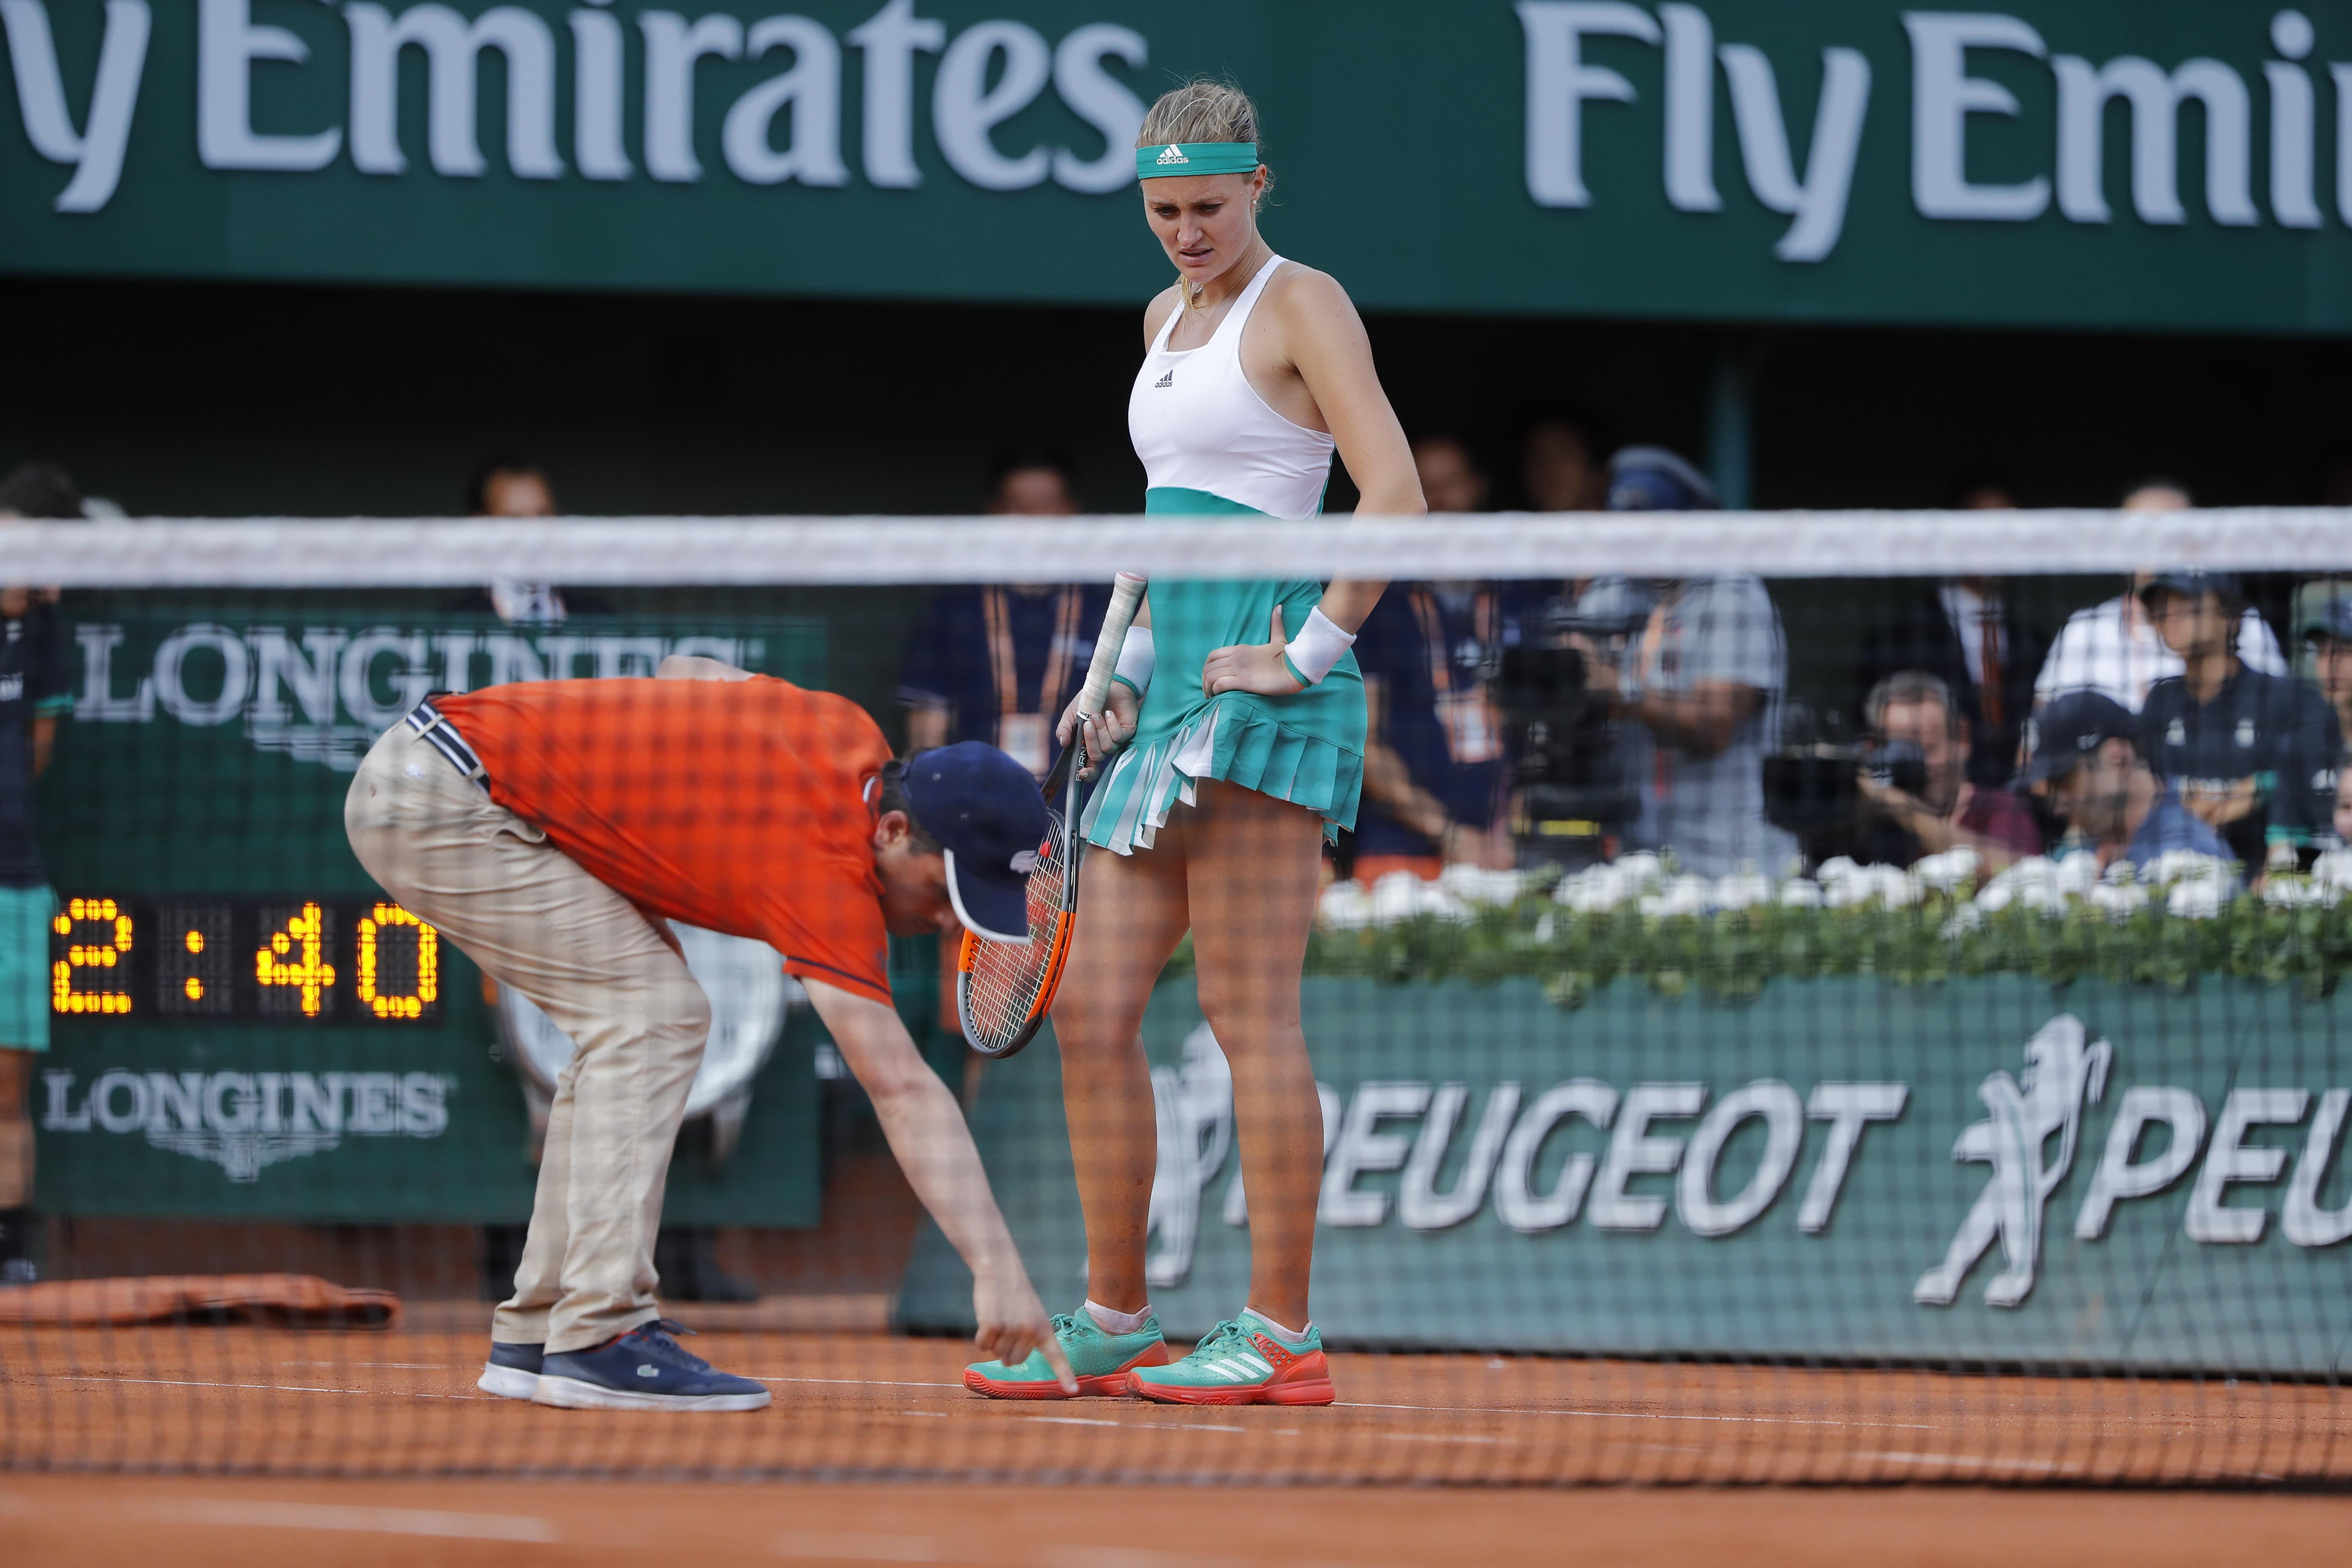 Tennis - Vers la disparition des juges de ligne en tennis ?